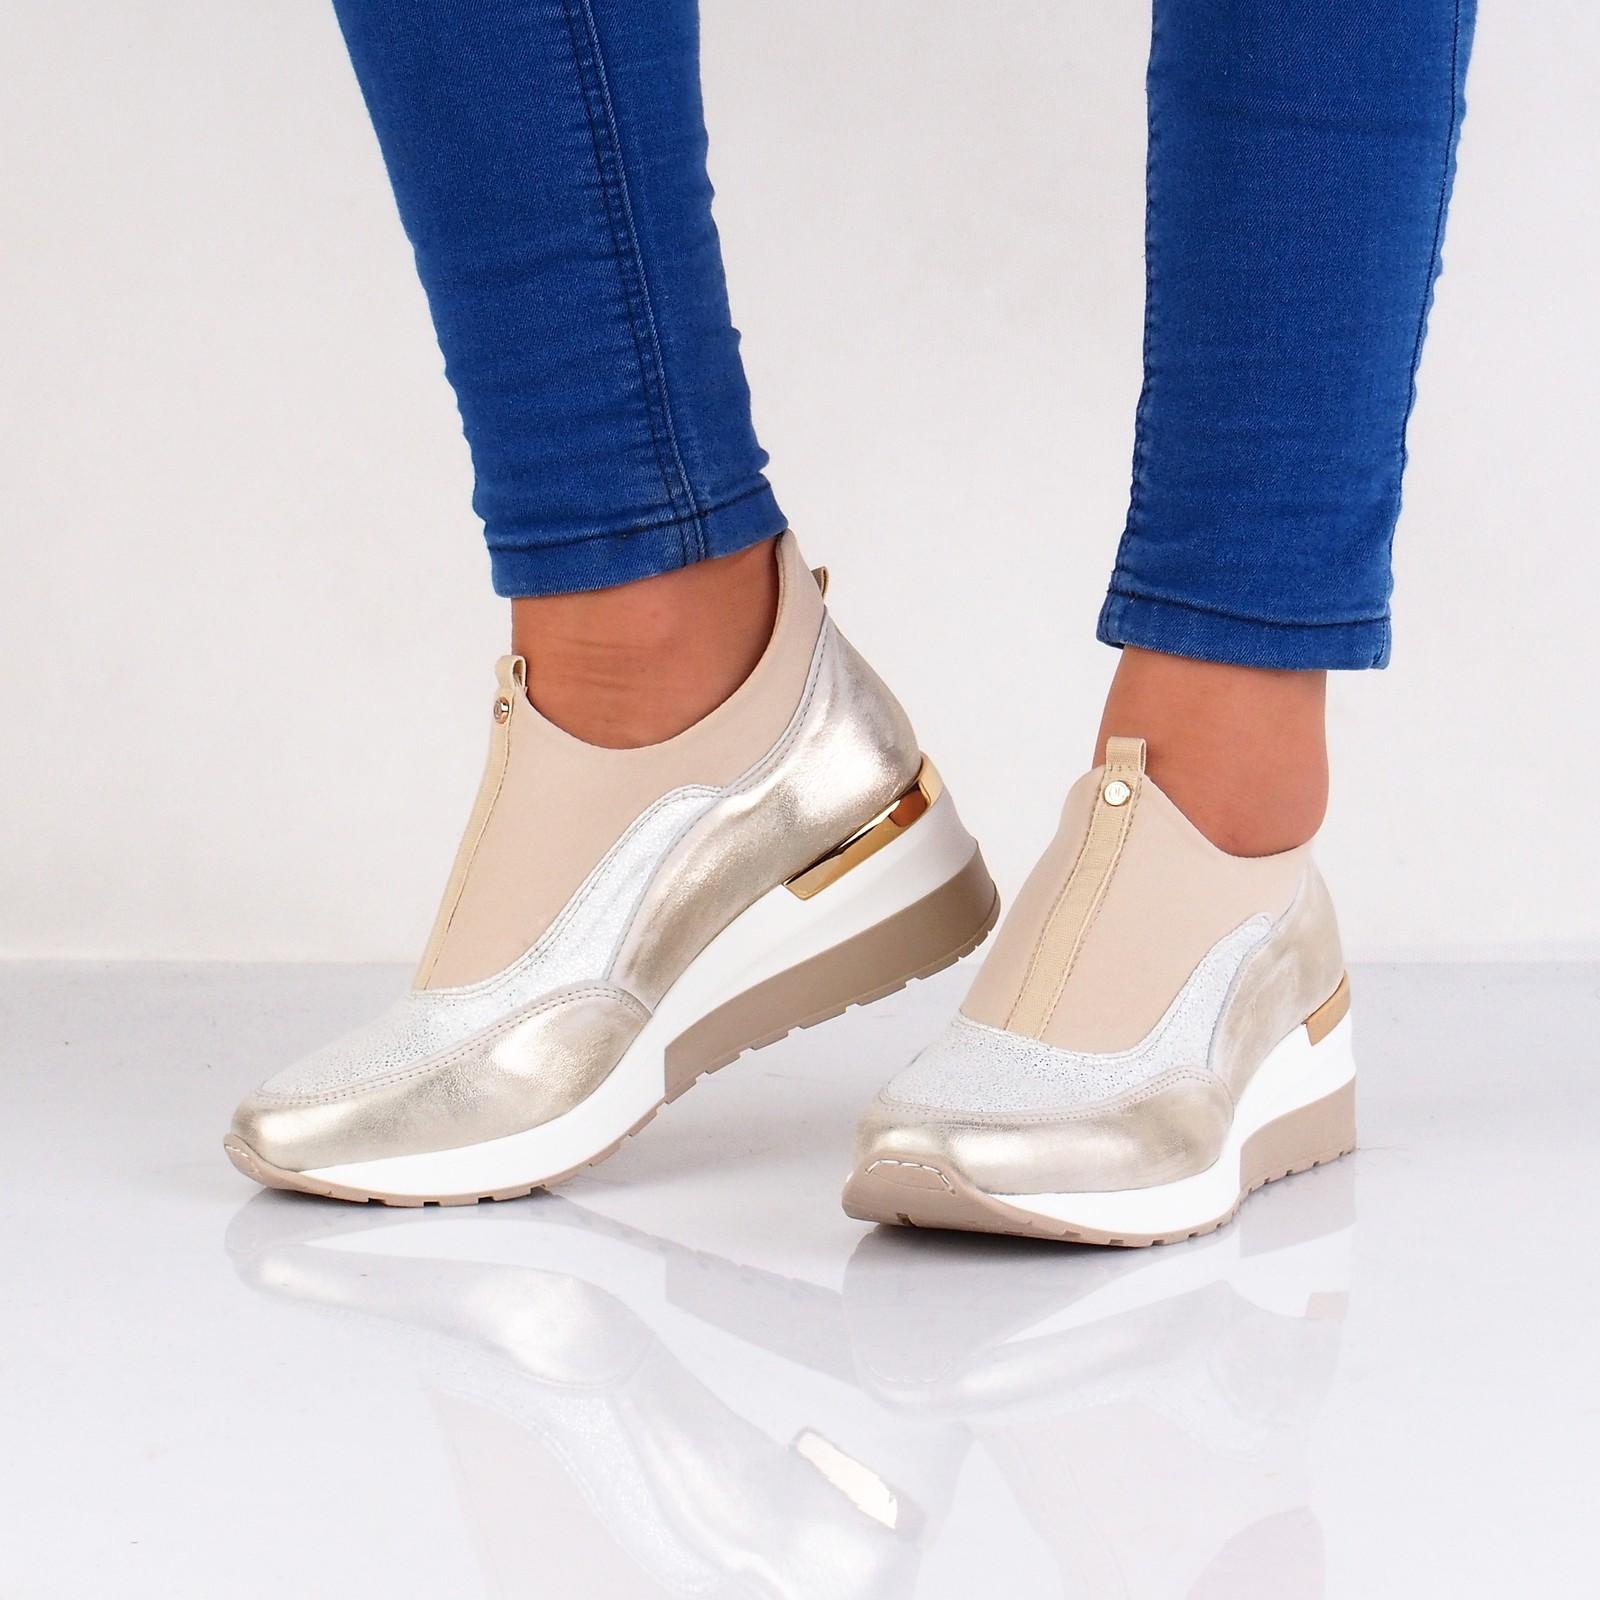 Olivia shoes dámske pohodlné štýlové tenisky - béžové